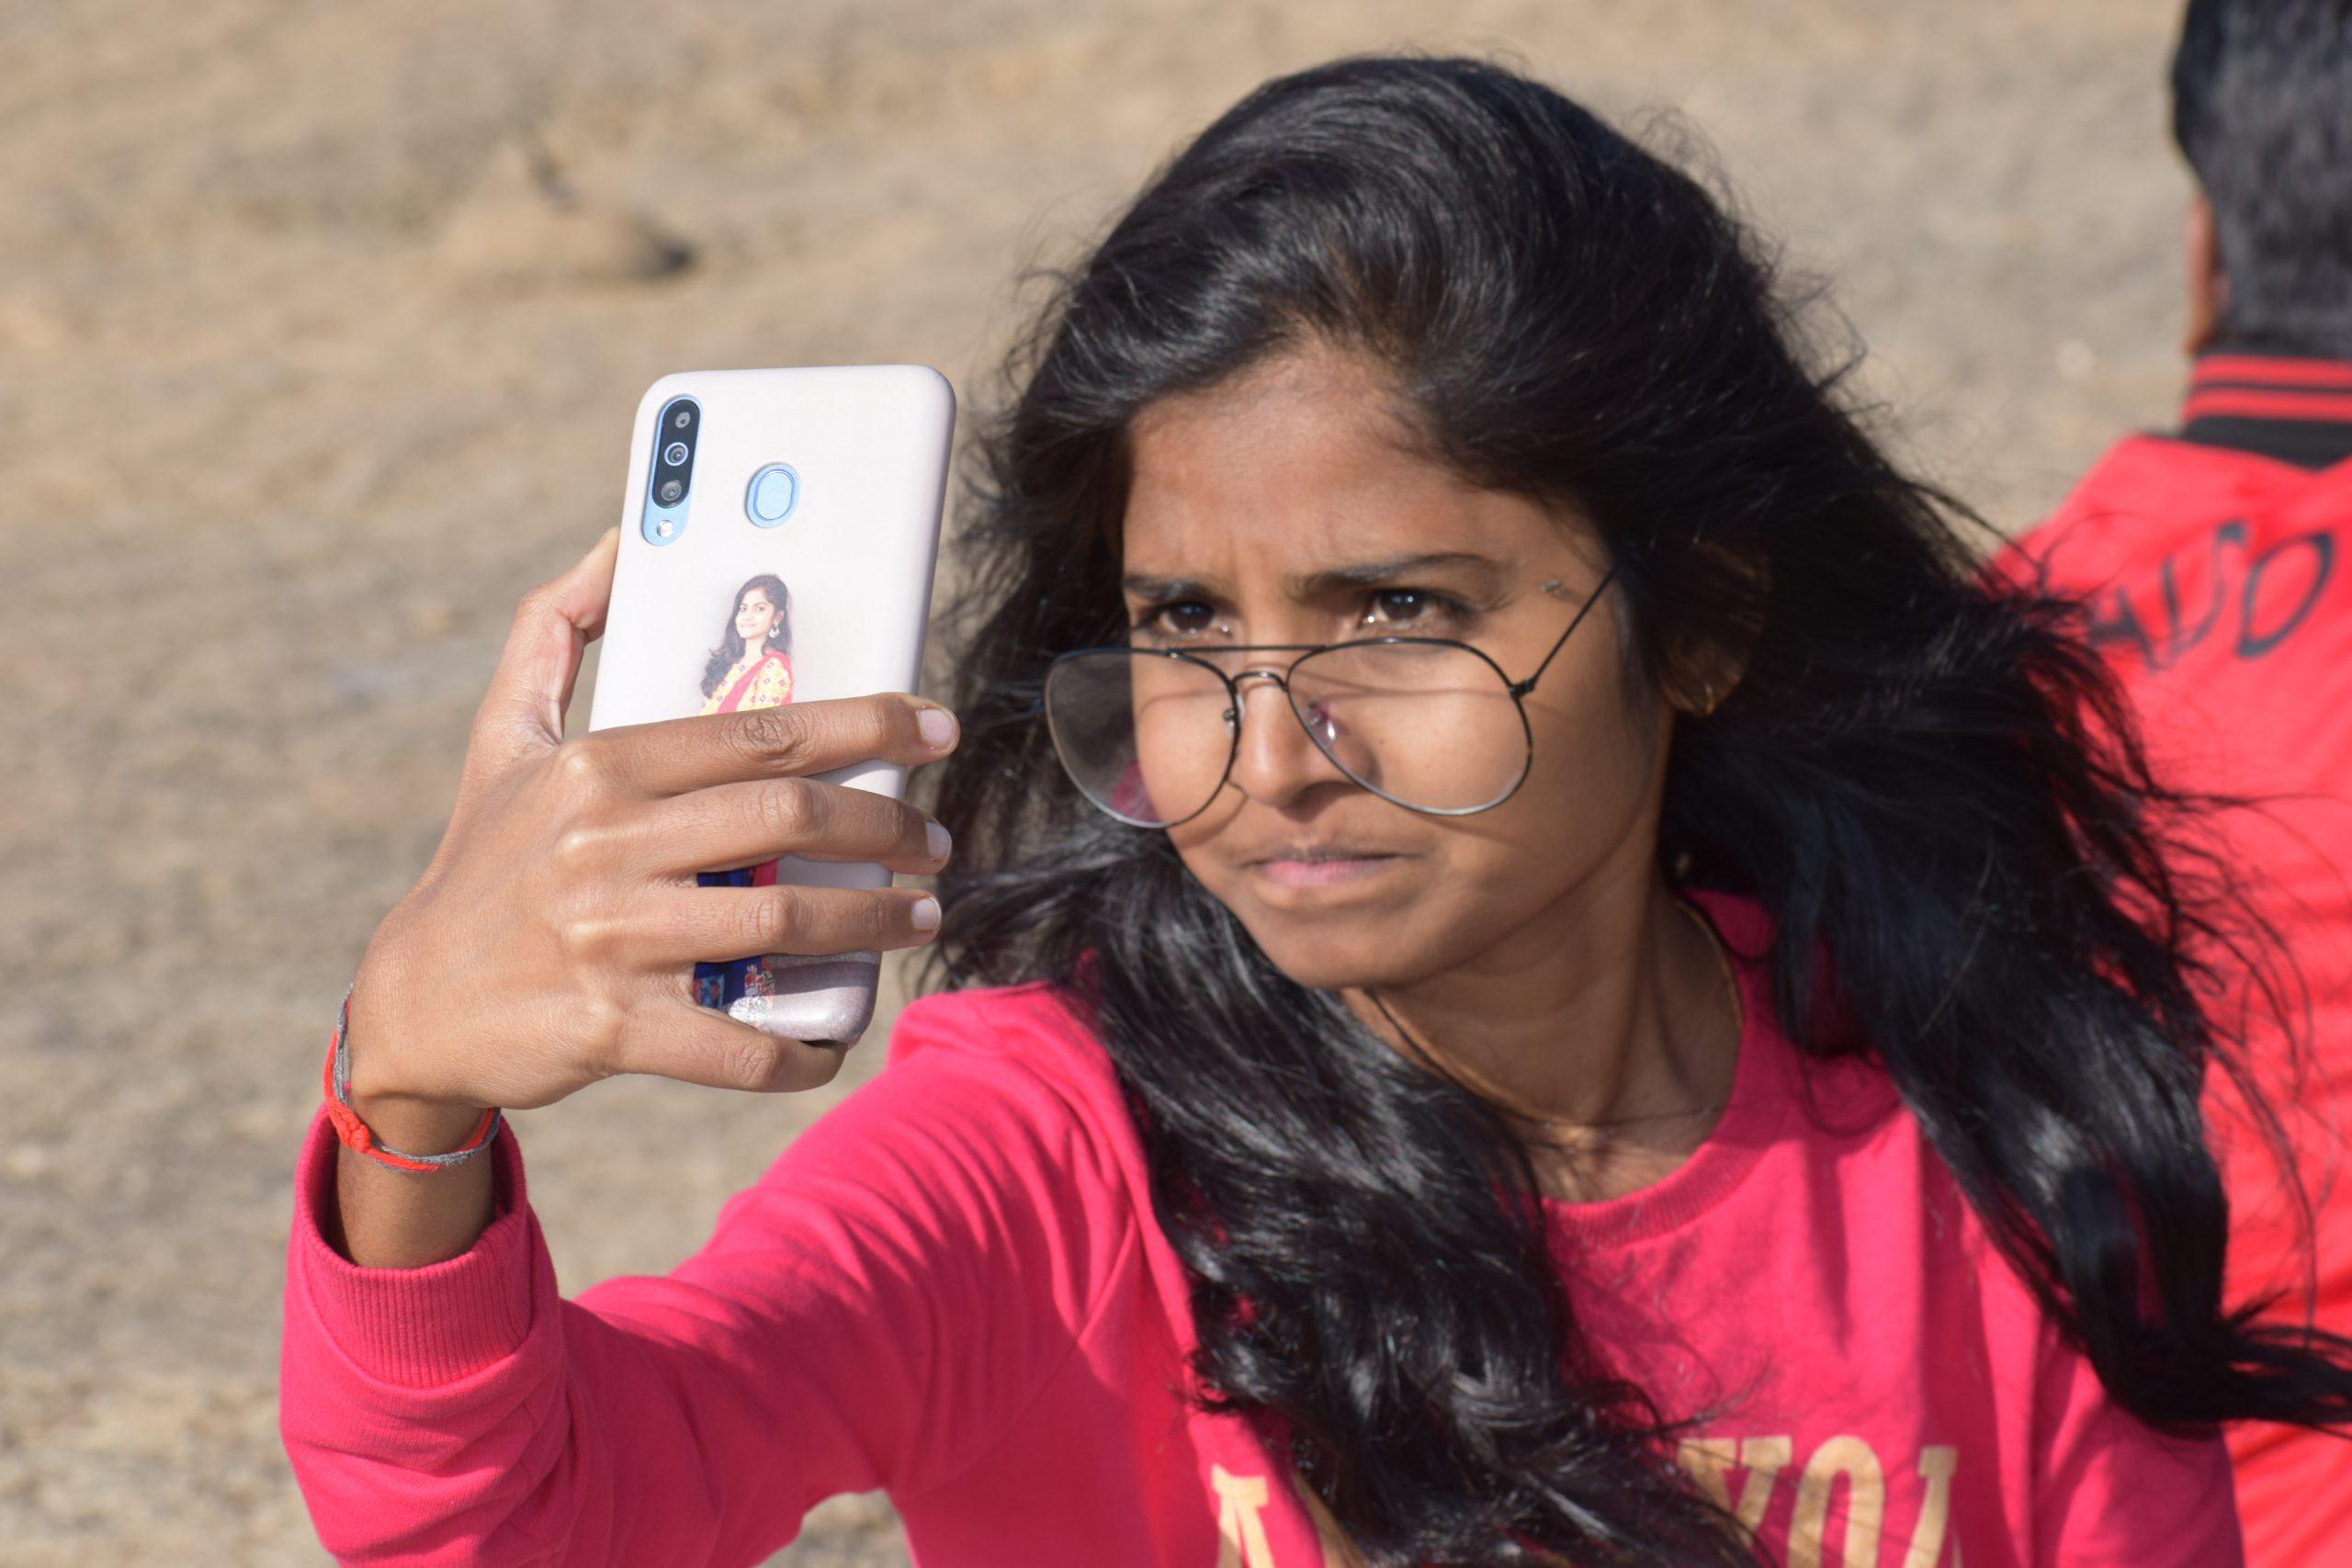 A girl taking selfie